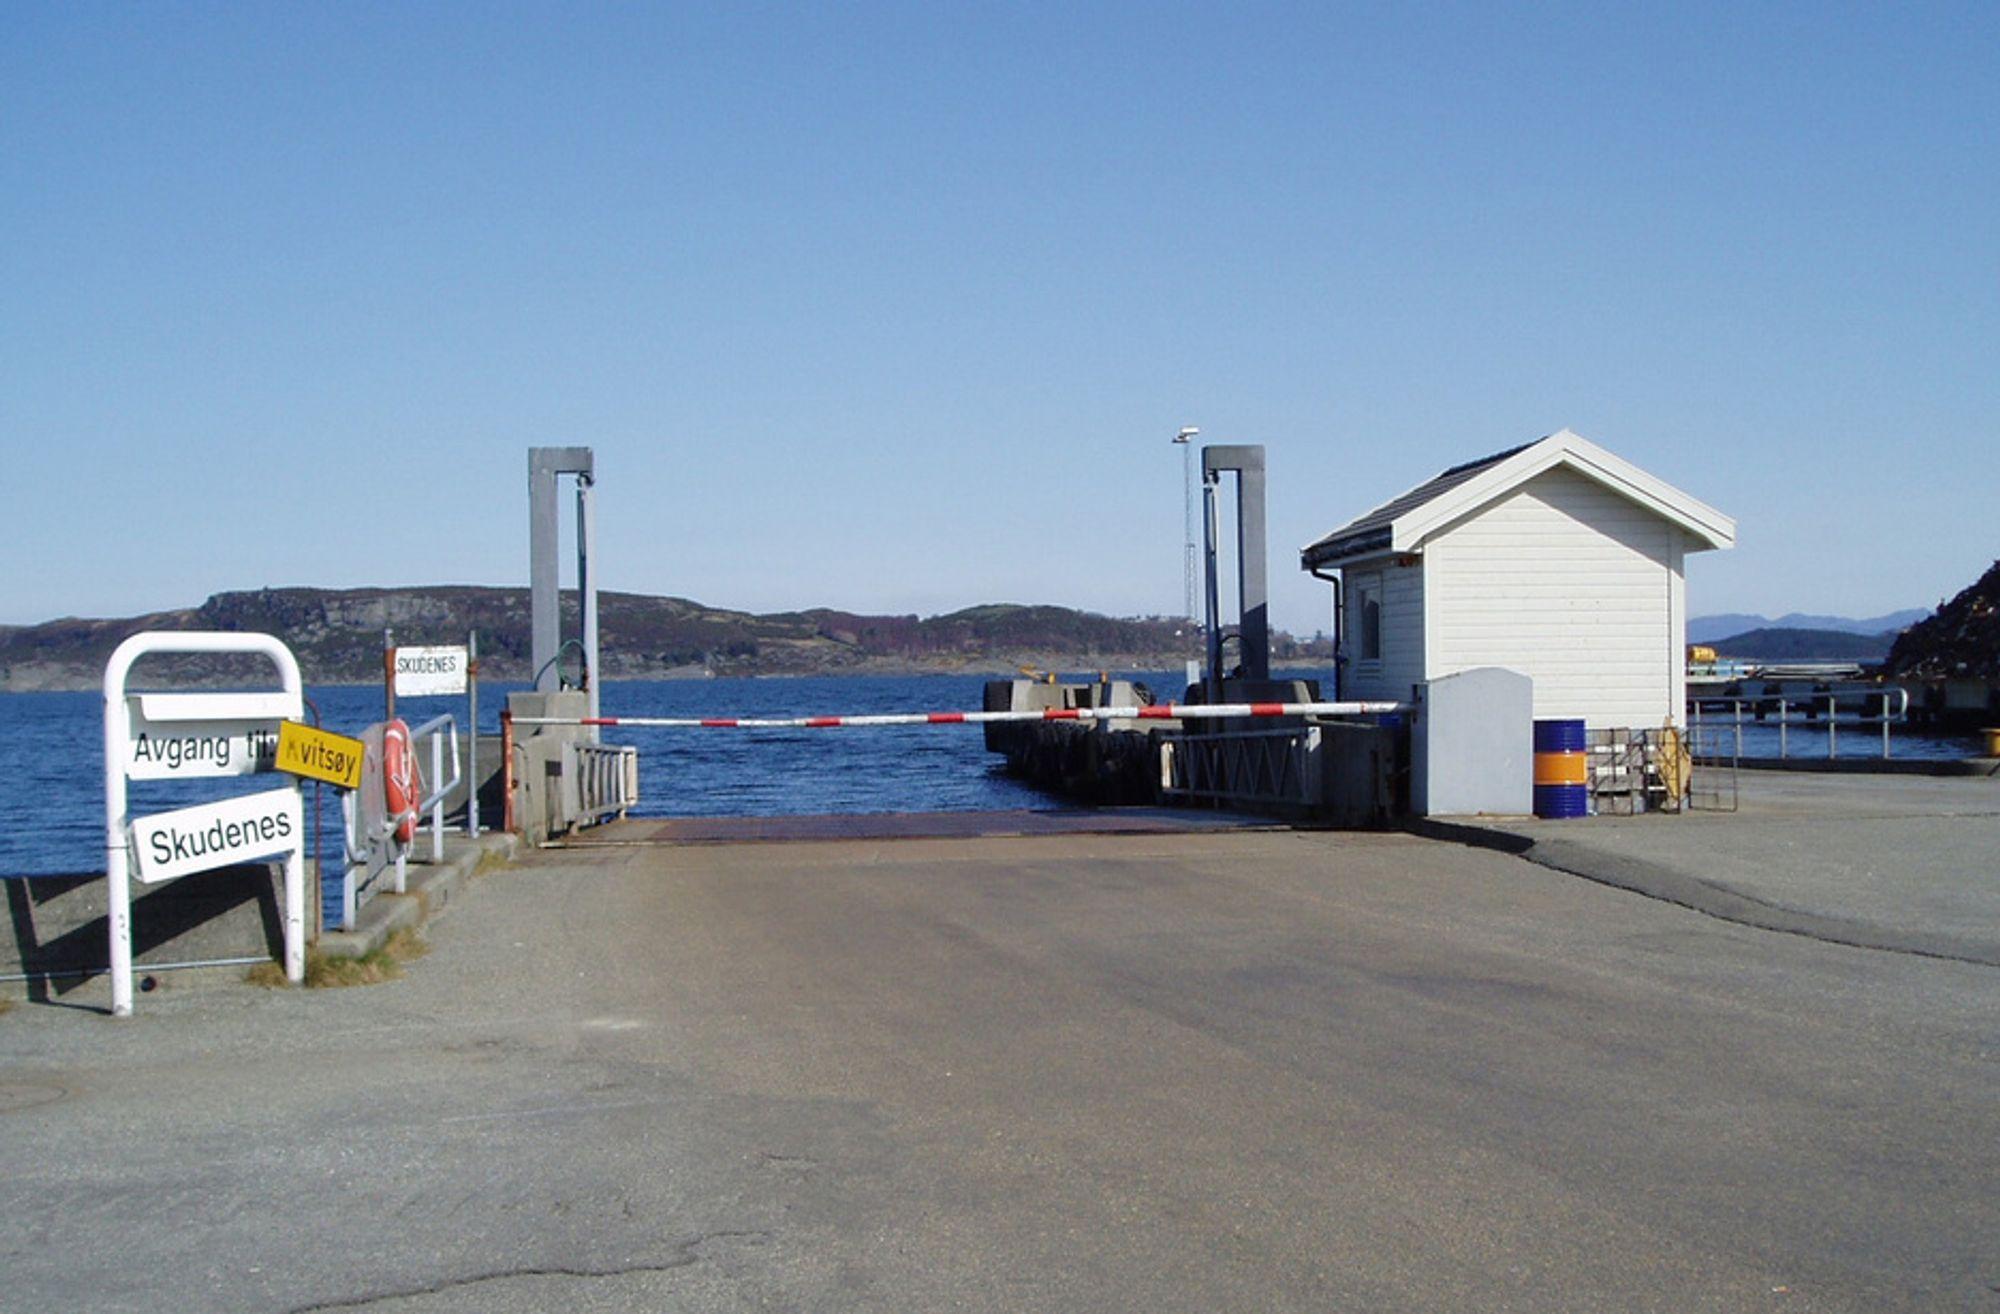 Denne fergebåsen skal bygges om for å ta unna trafikken over Boknafjorden når værforholdene gjør det umulig å anløpe Mortavika fergeleie.